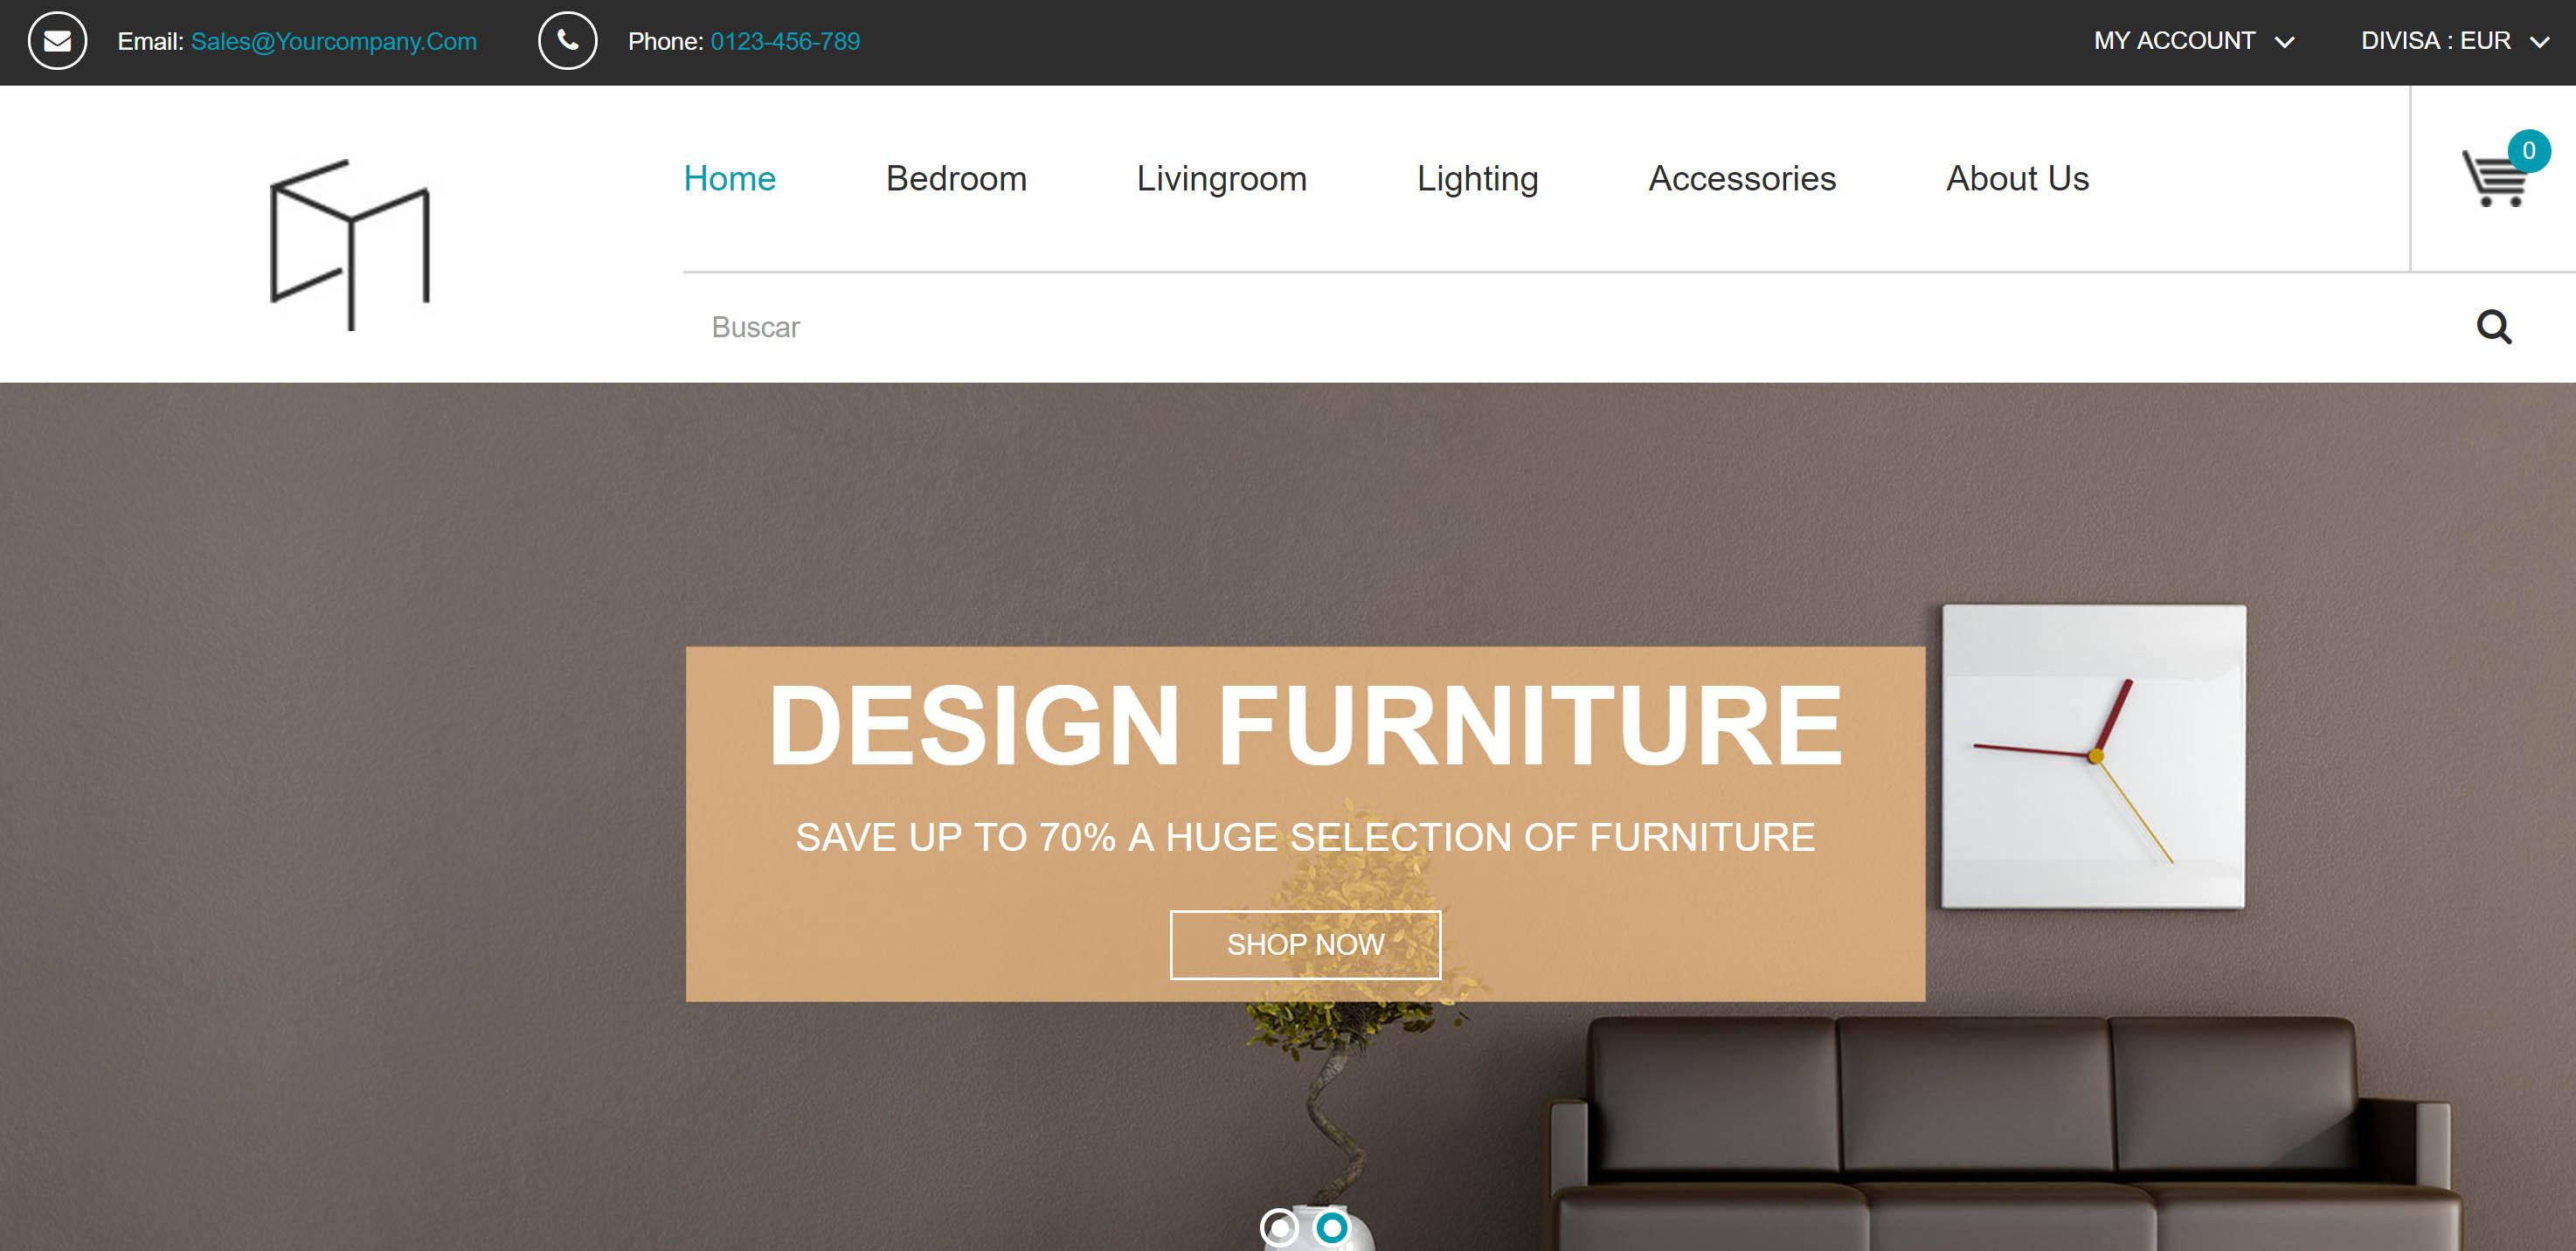 diseño tienda de muebles